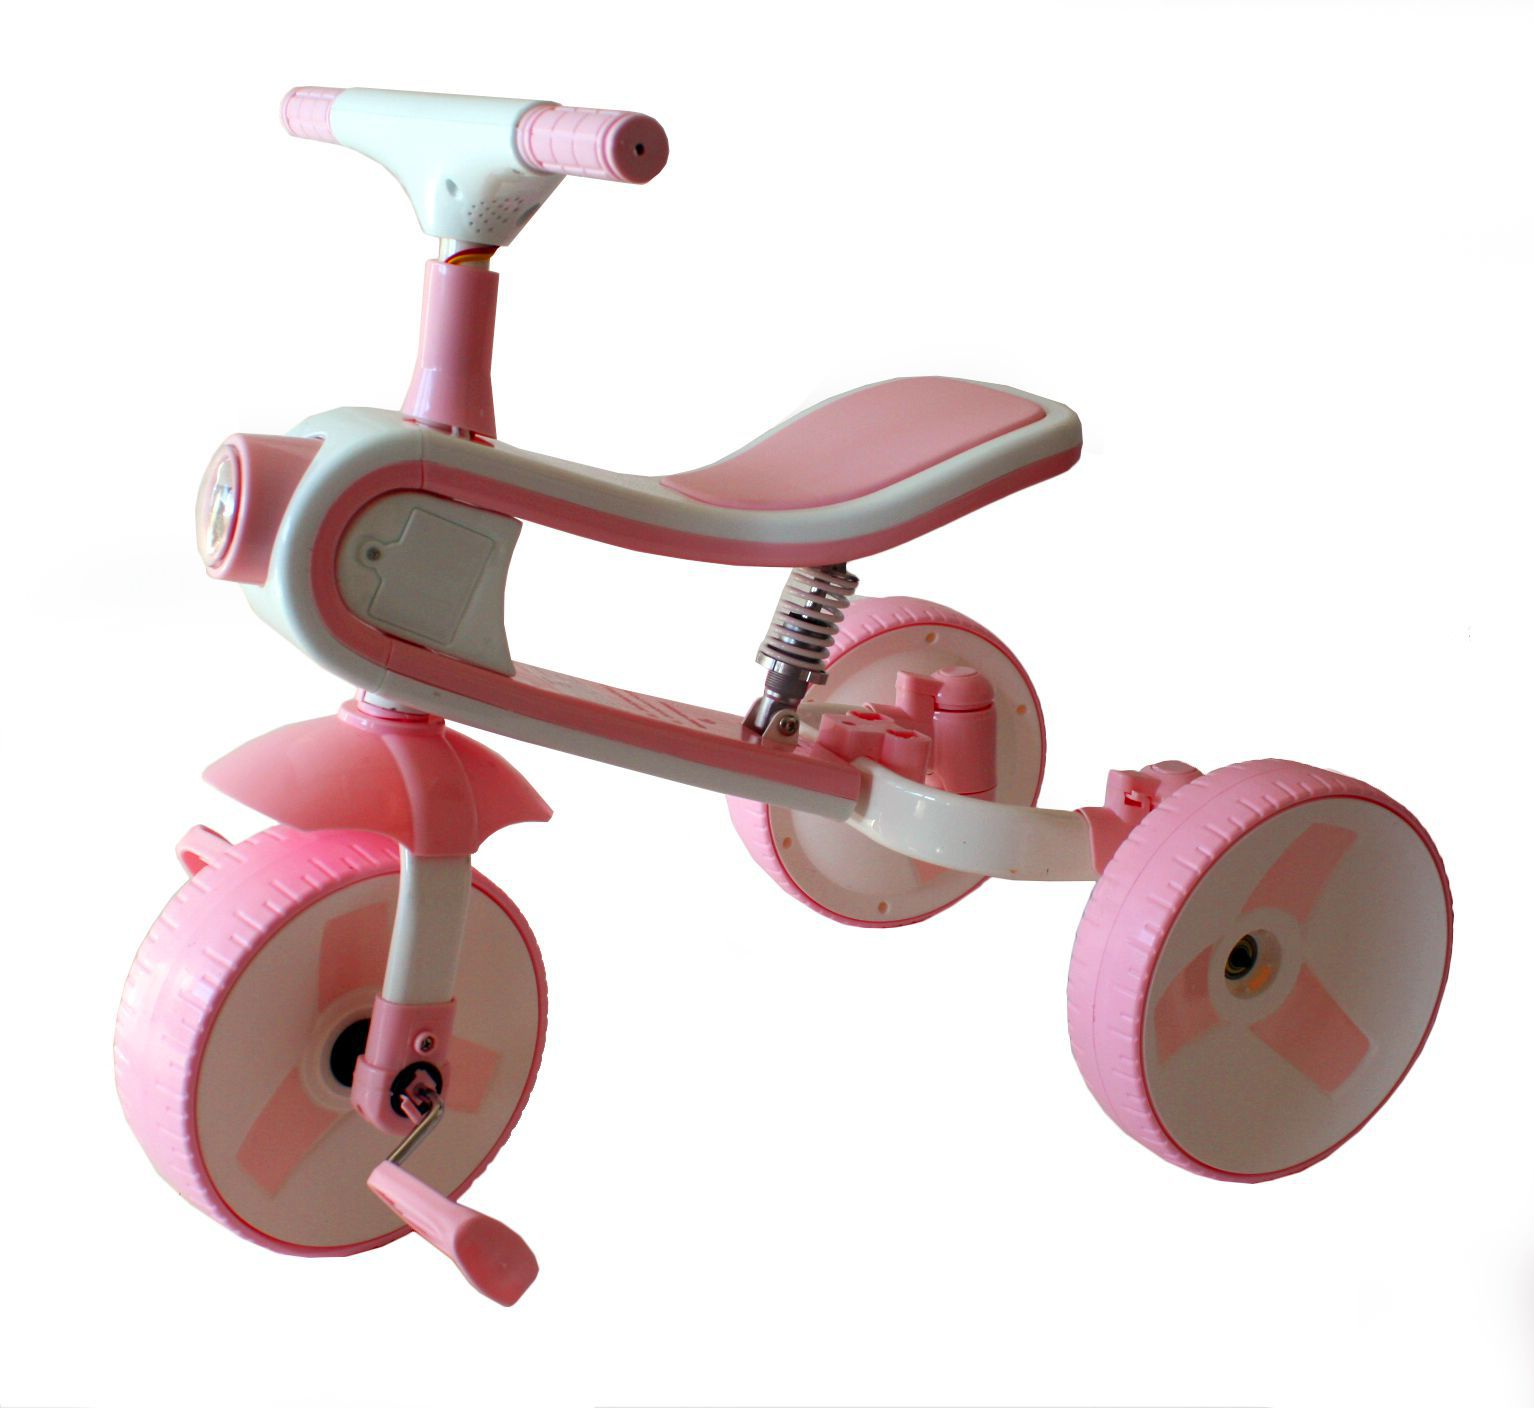 Multifunkční dětské tříkolové odrážedlo 2 v 1 s funkčním světlem, zvukem a odpružením růžové